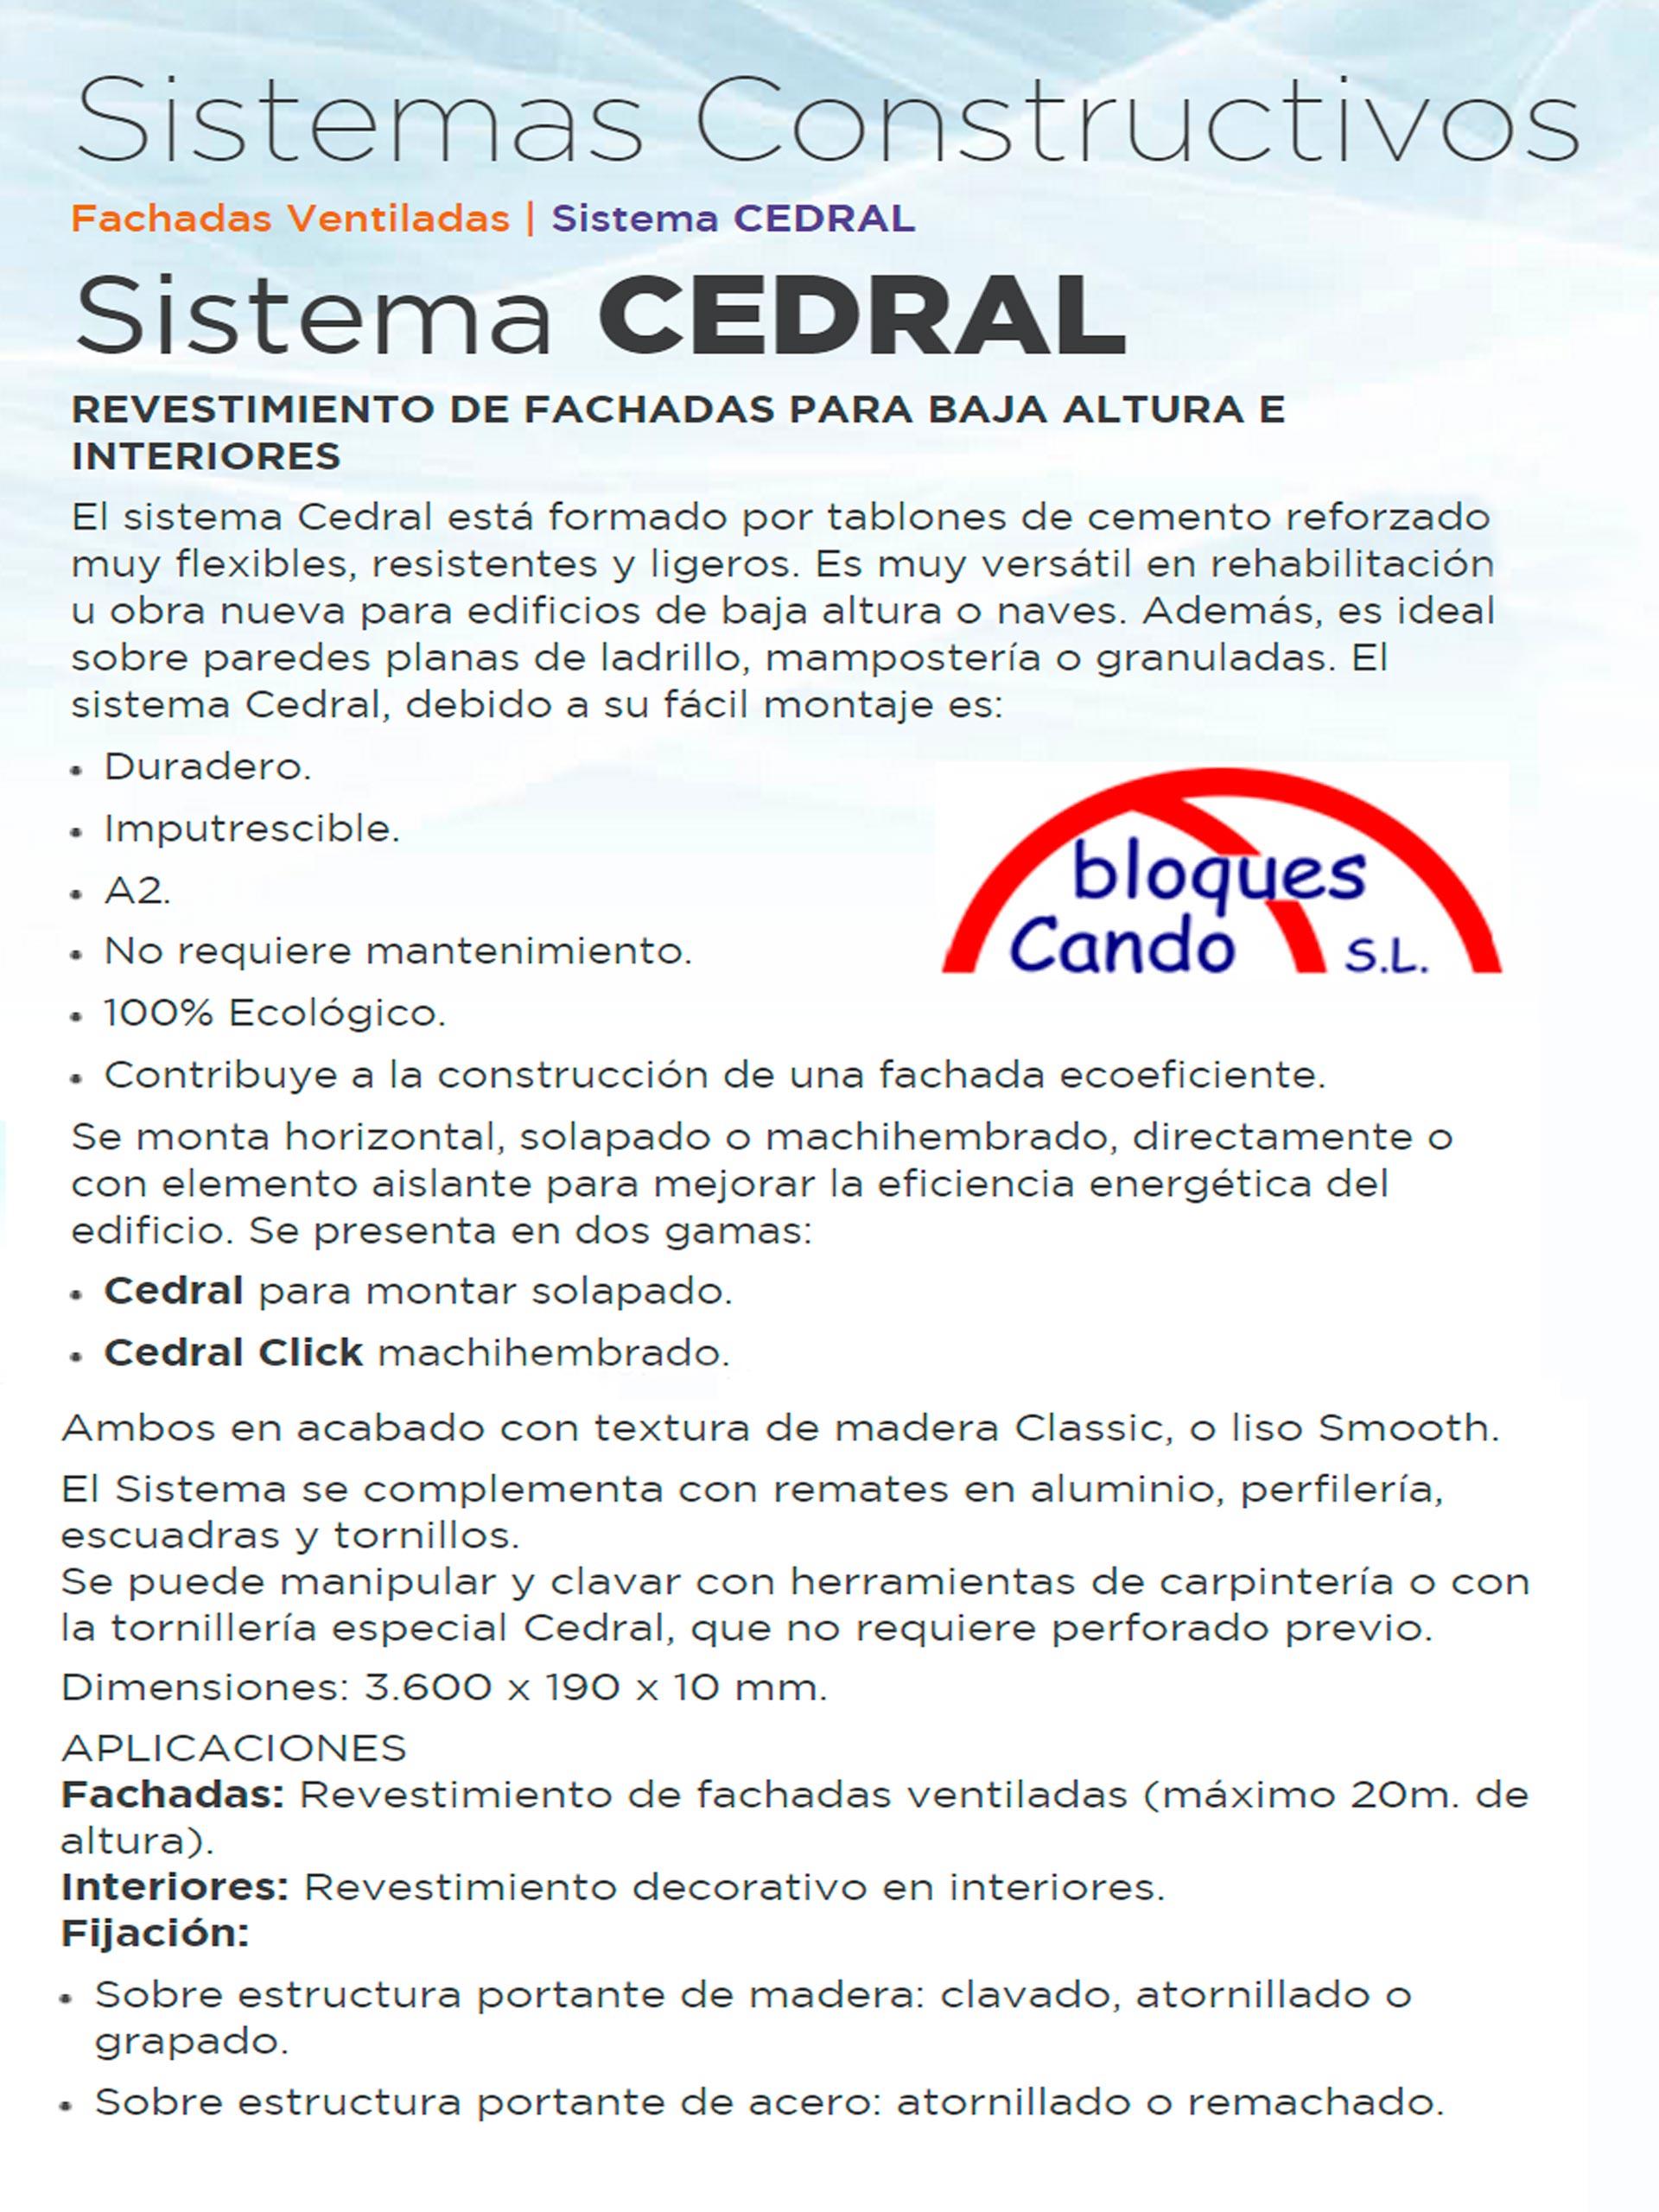 sistemas-constructivos-cedral-agosto-1000